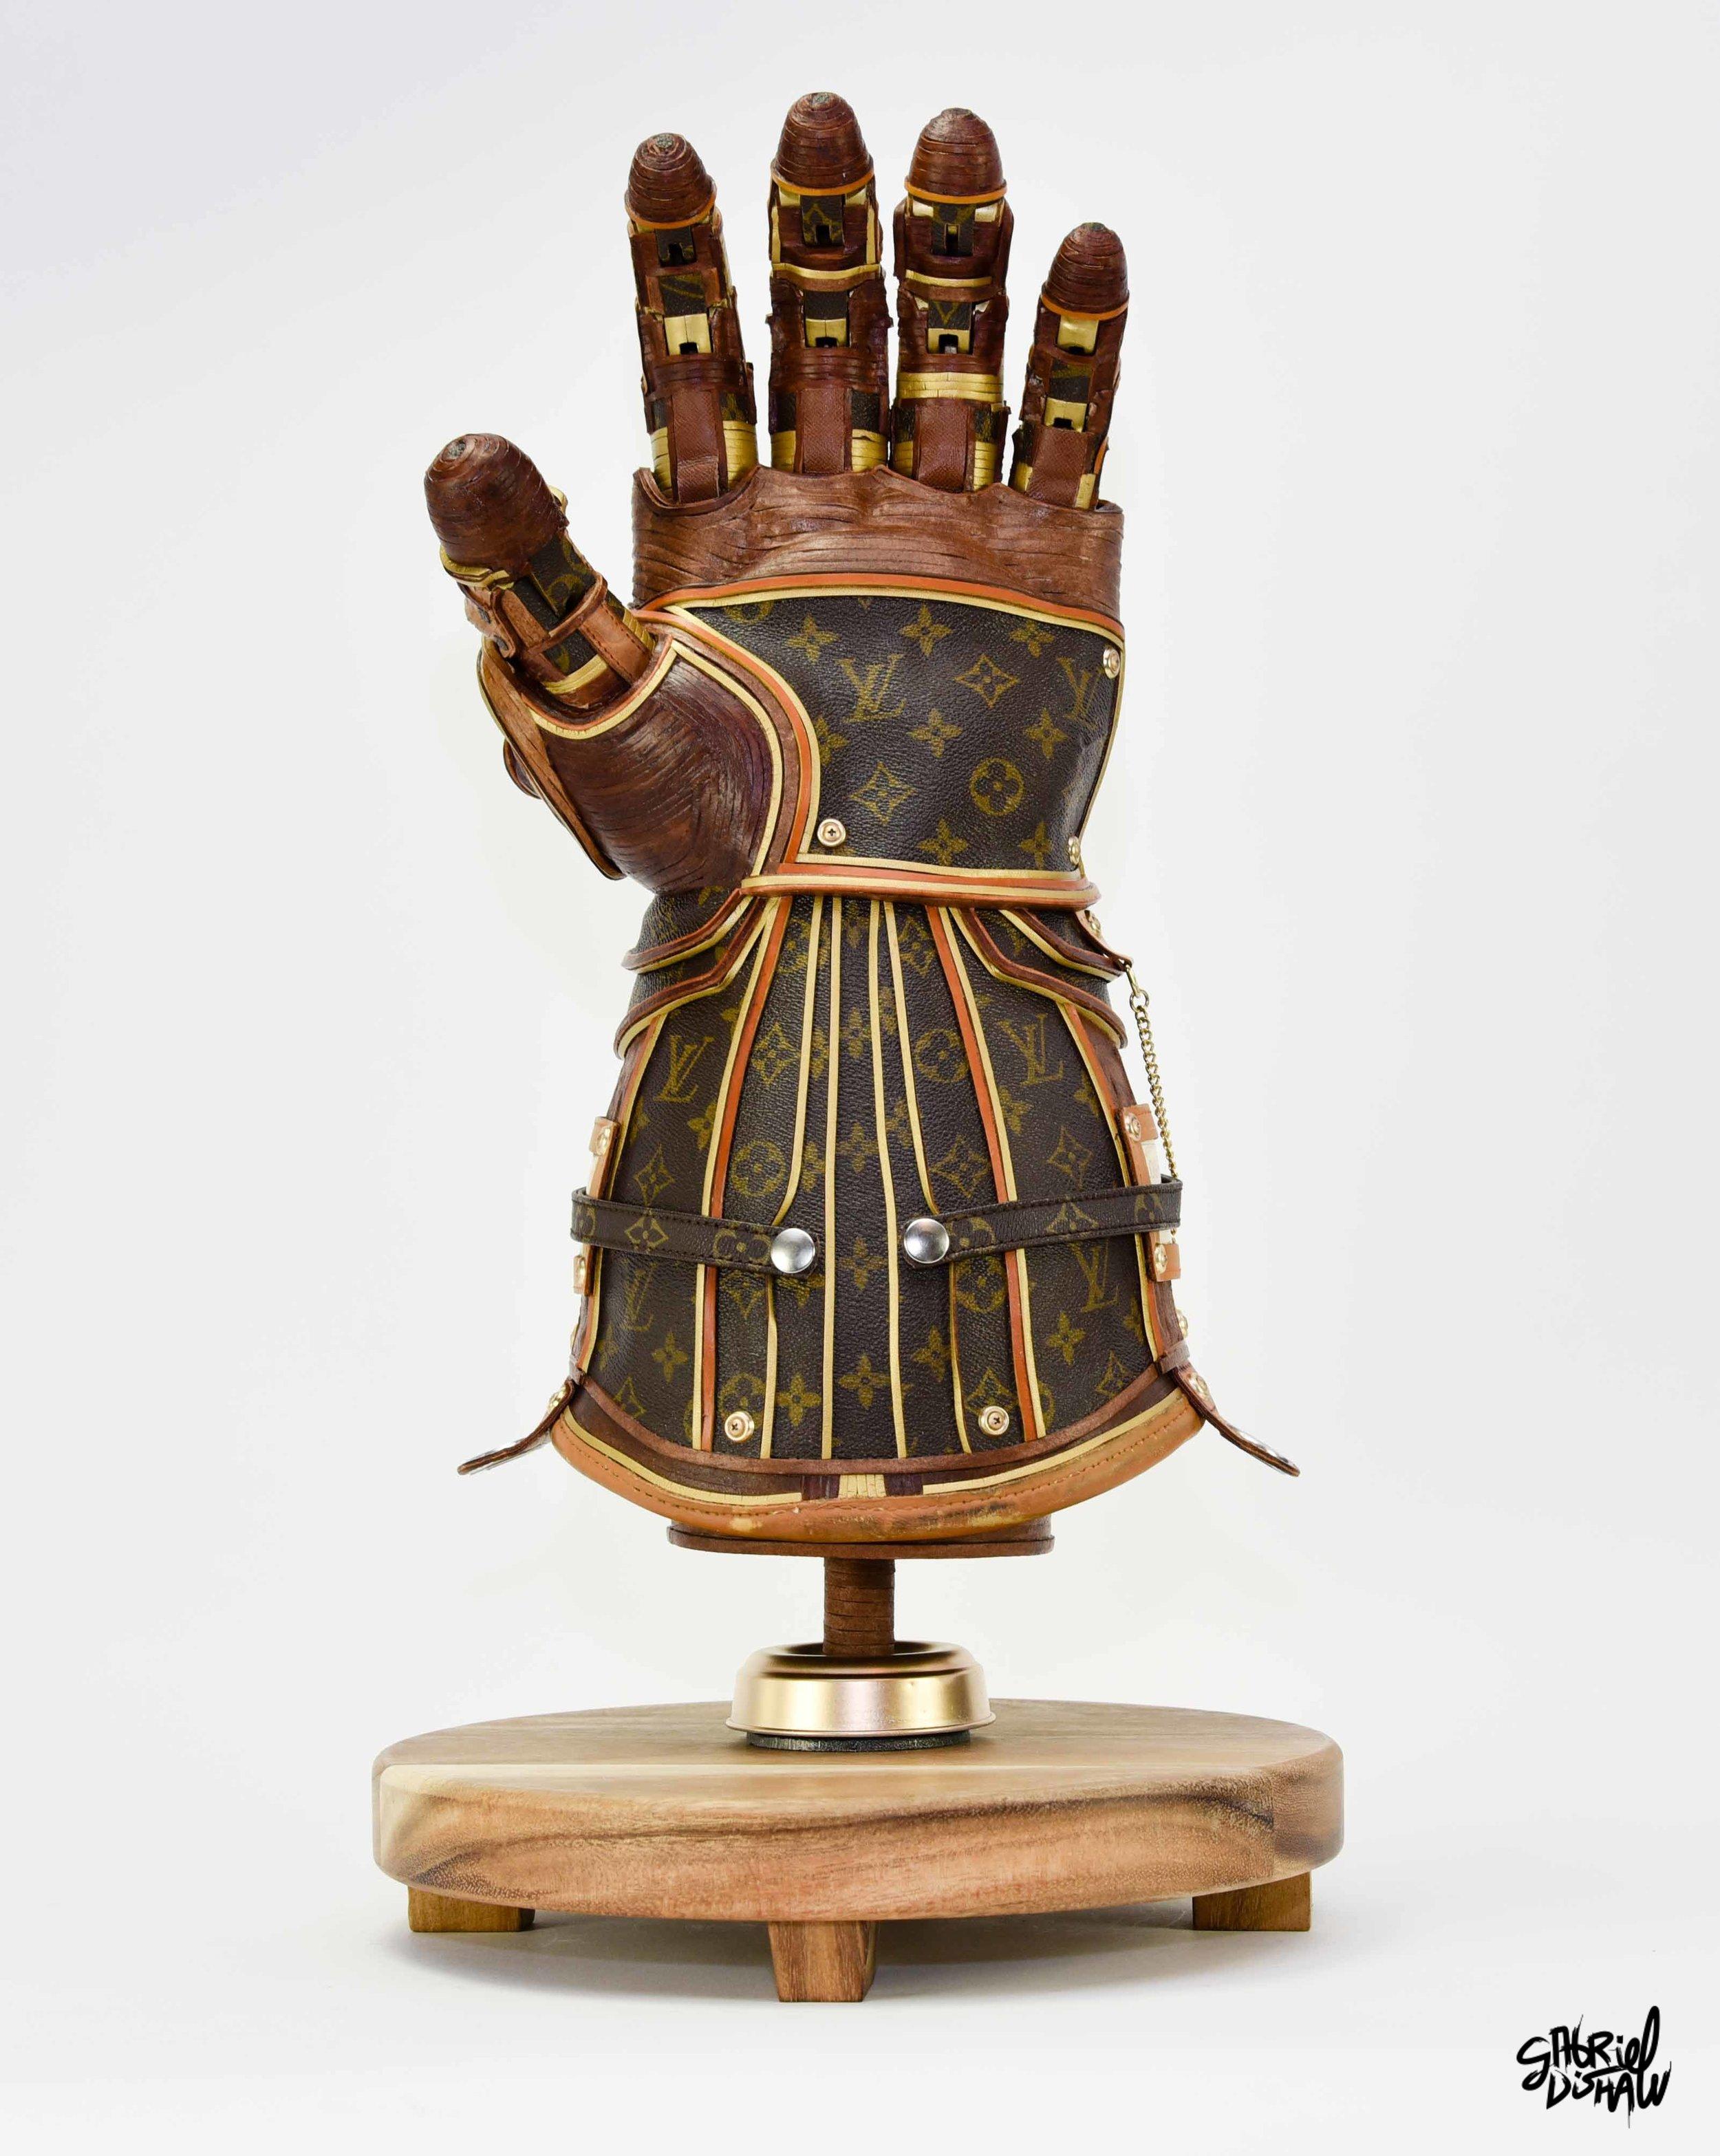 Gabriel Dishaw Infinity Gauntlet LV-9224.jpg